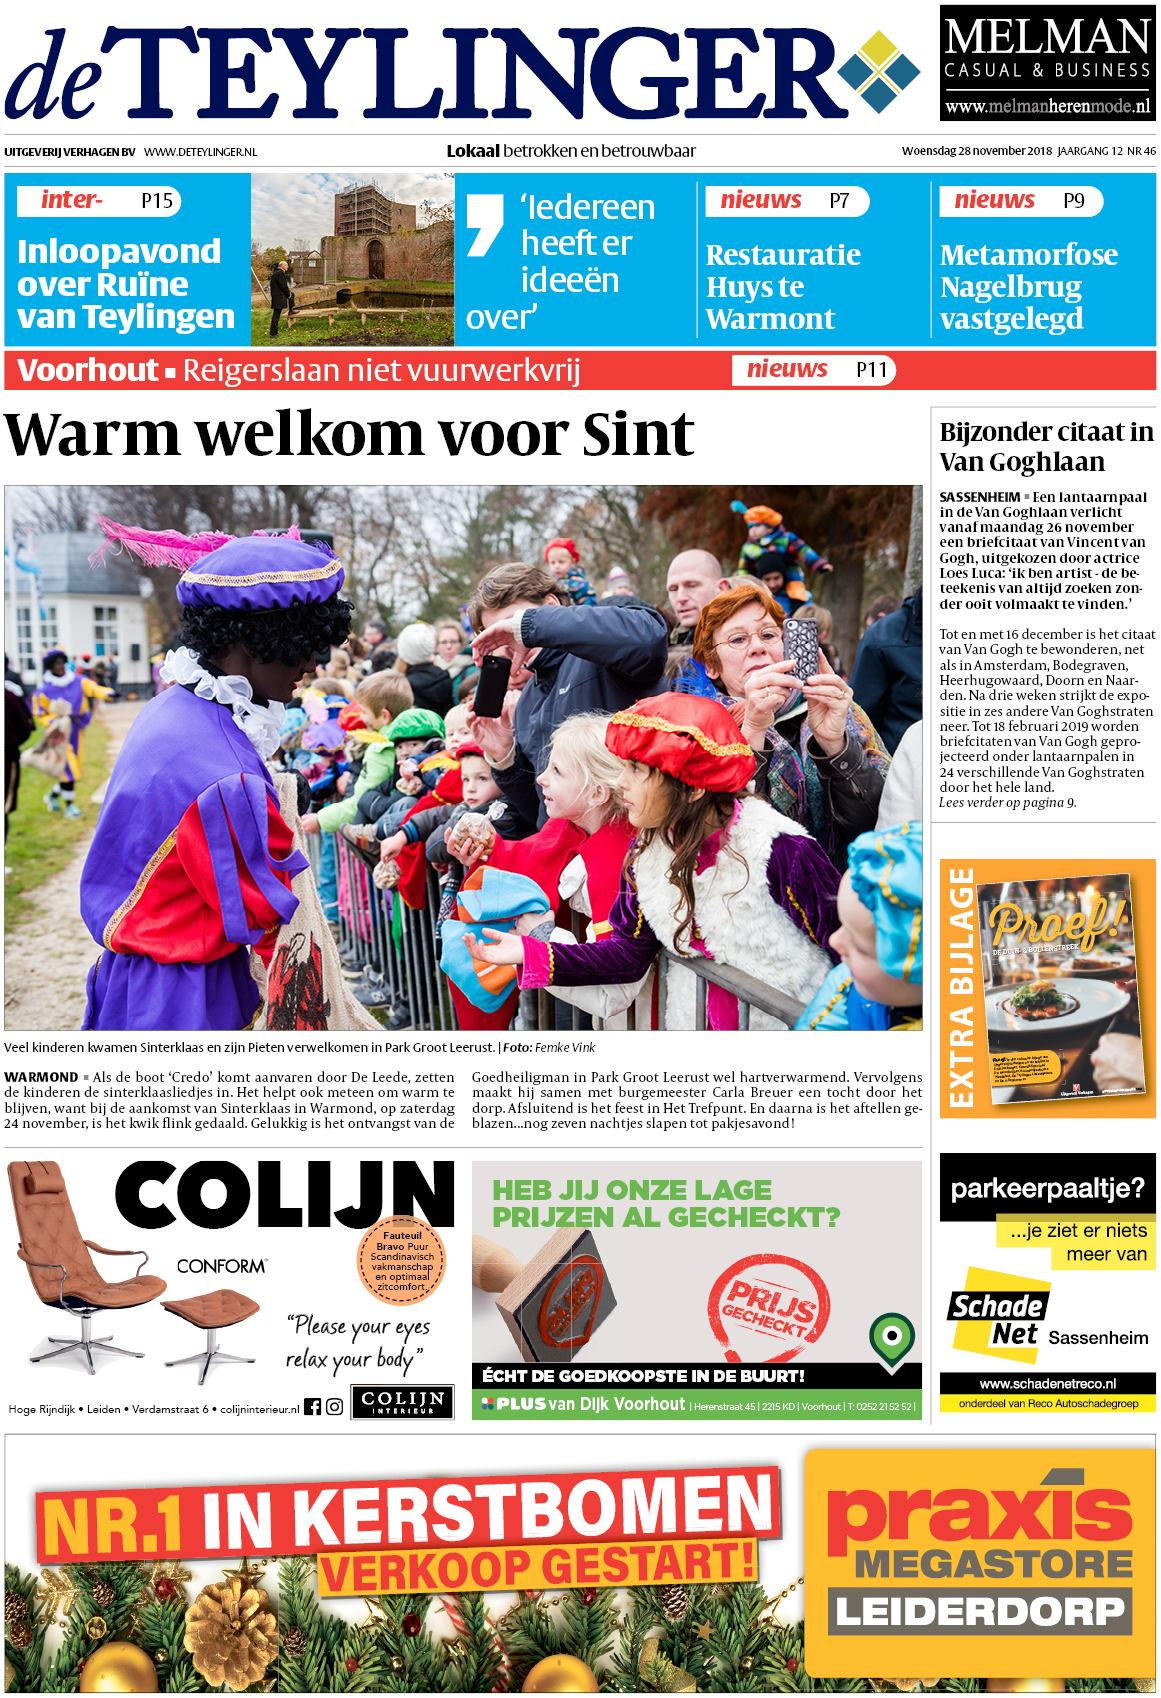 De Teylinger 28 November 2018